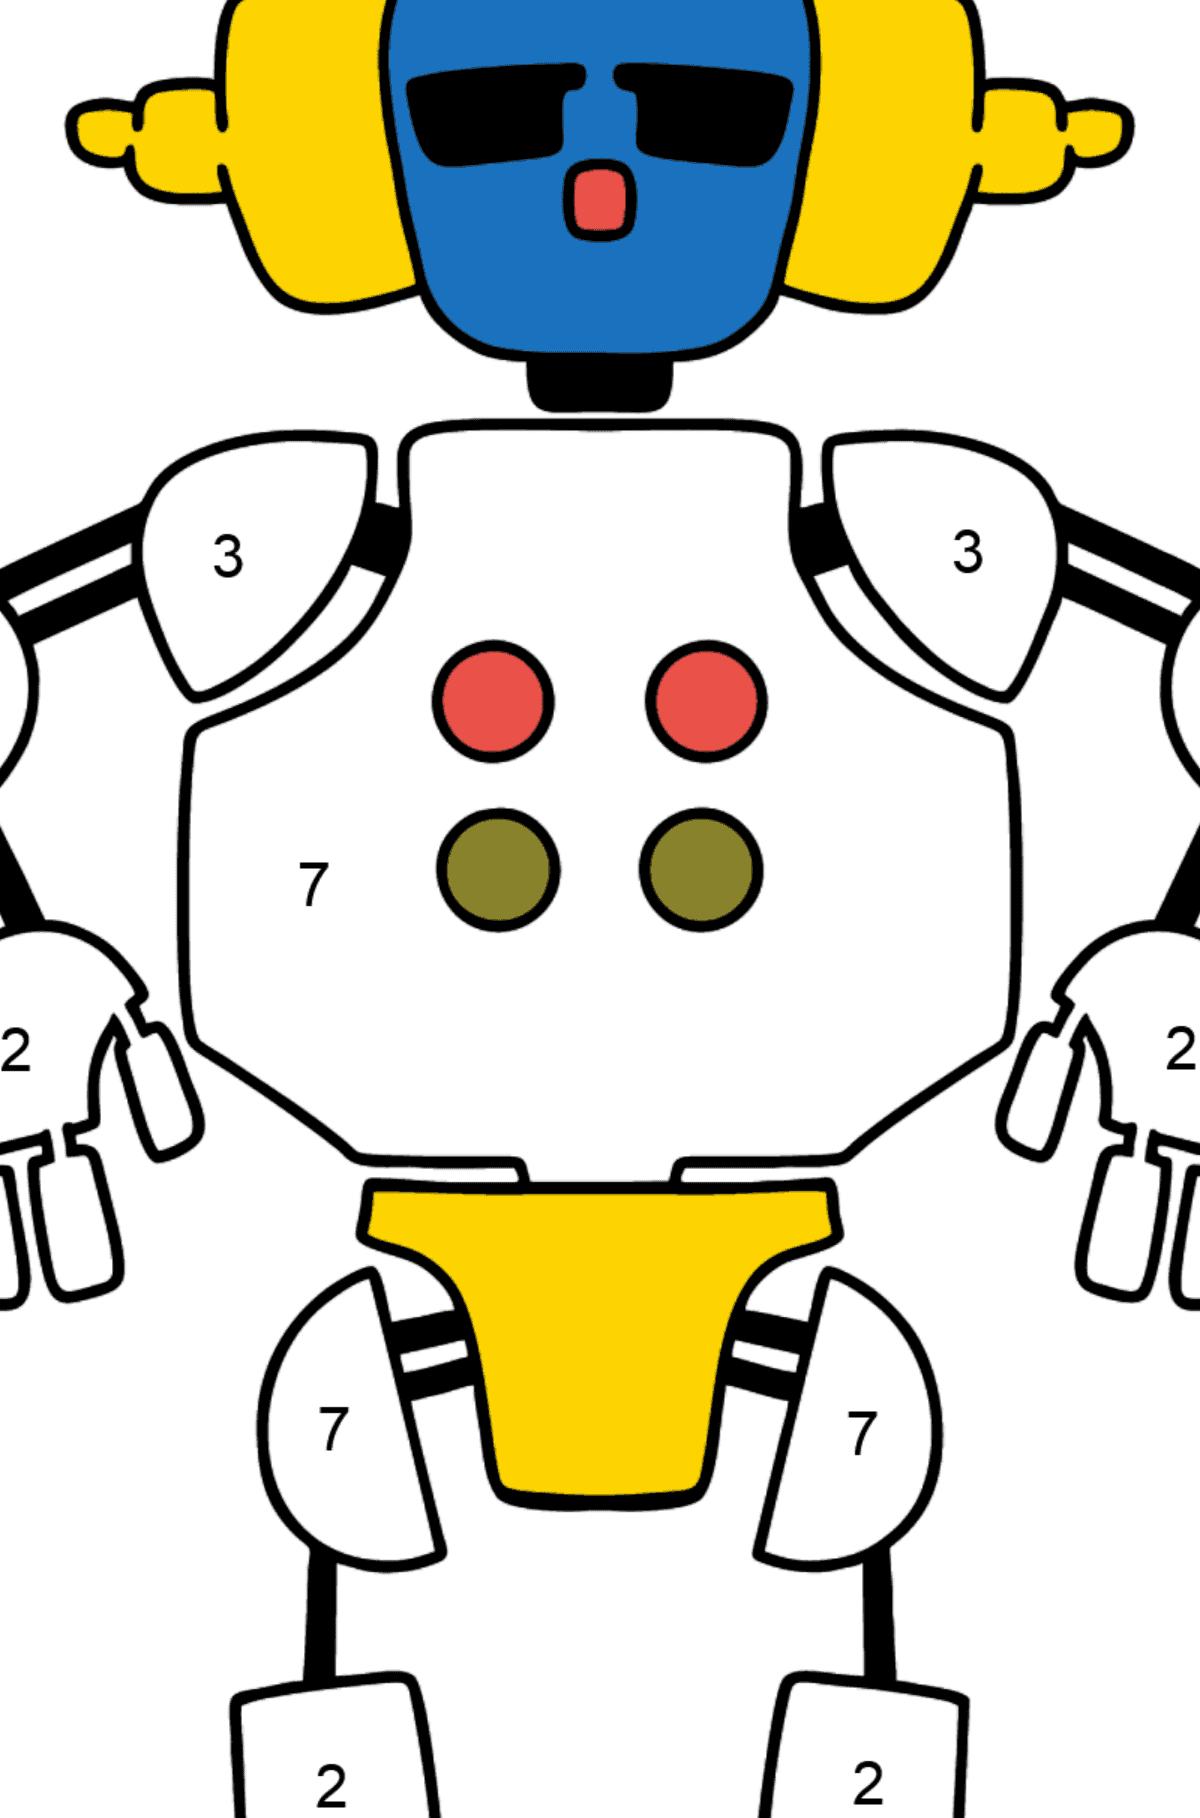 Раскраска робот в наушниках - Раскраска по Номерам для Детей